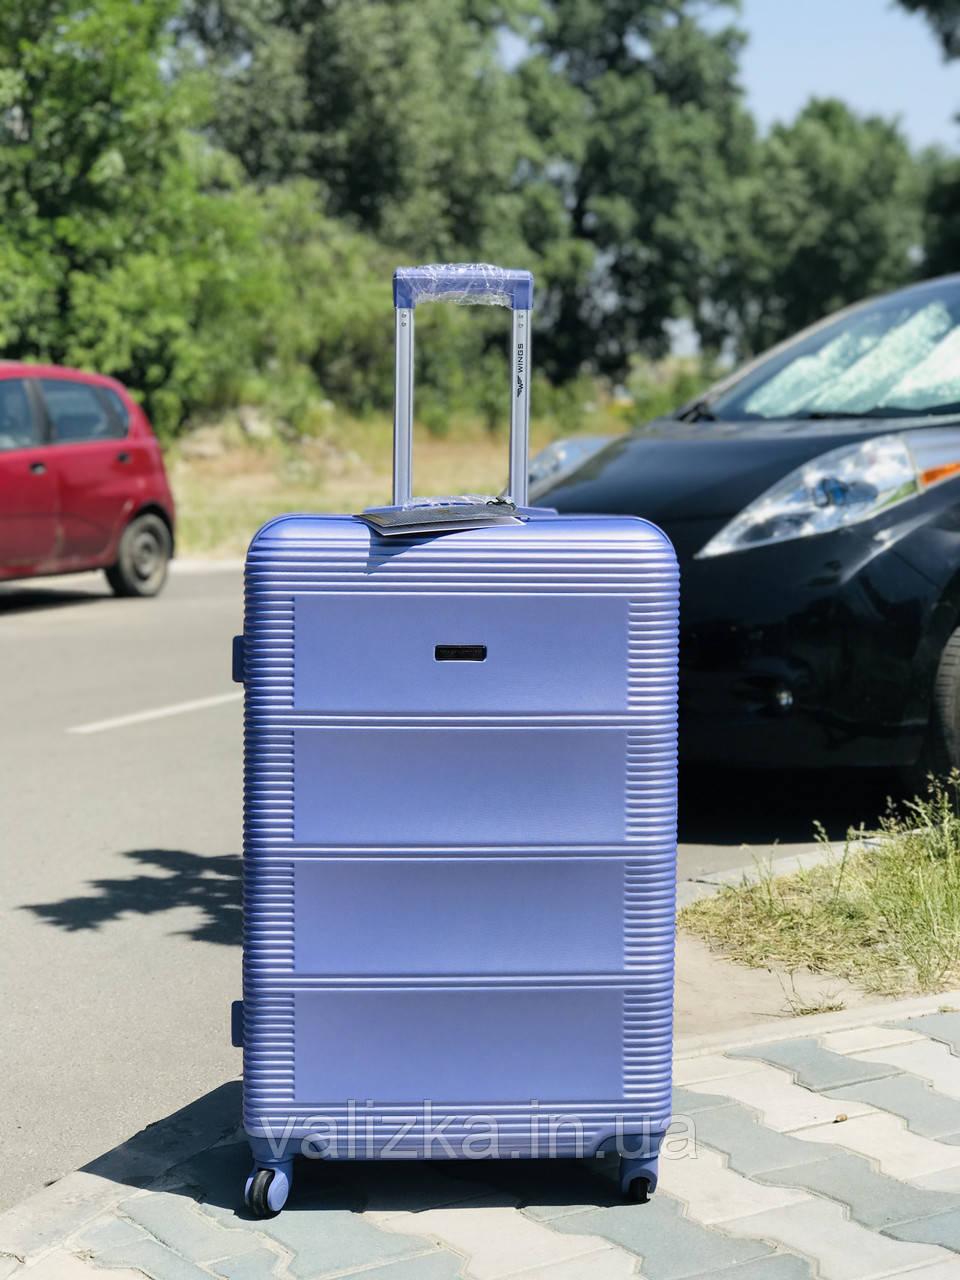 Средний пластиковый чемодан лиловый на 4-х колесах / Середня пластикова валіза